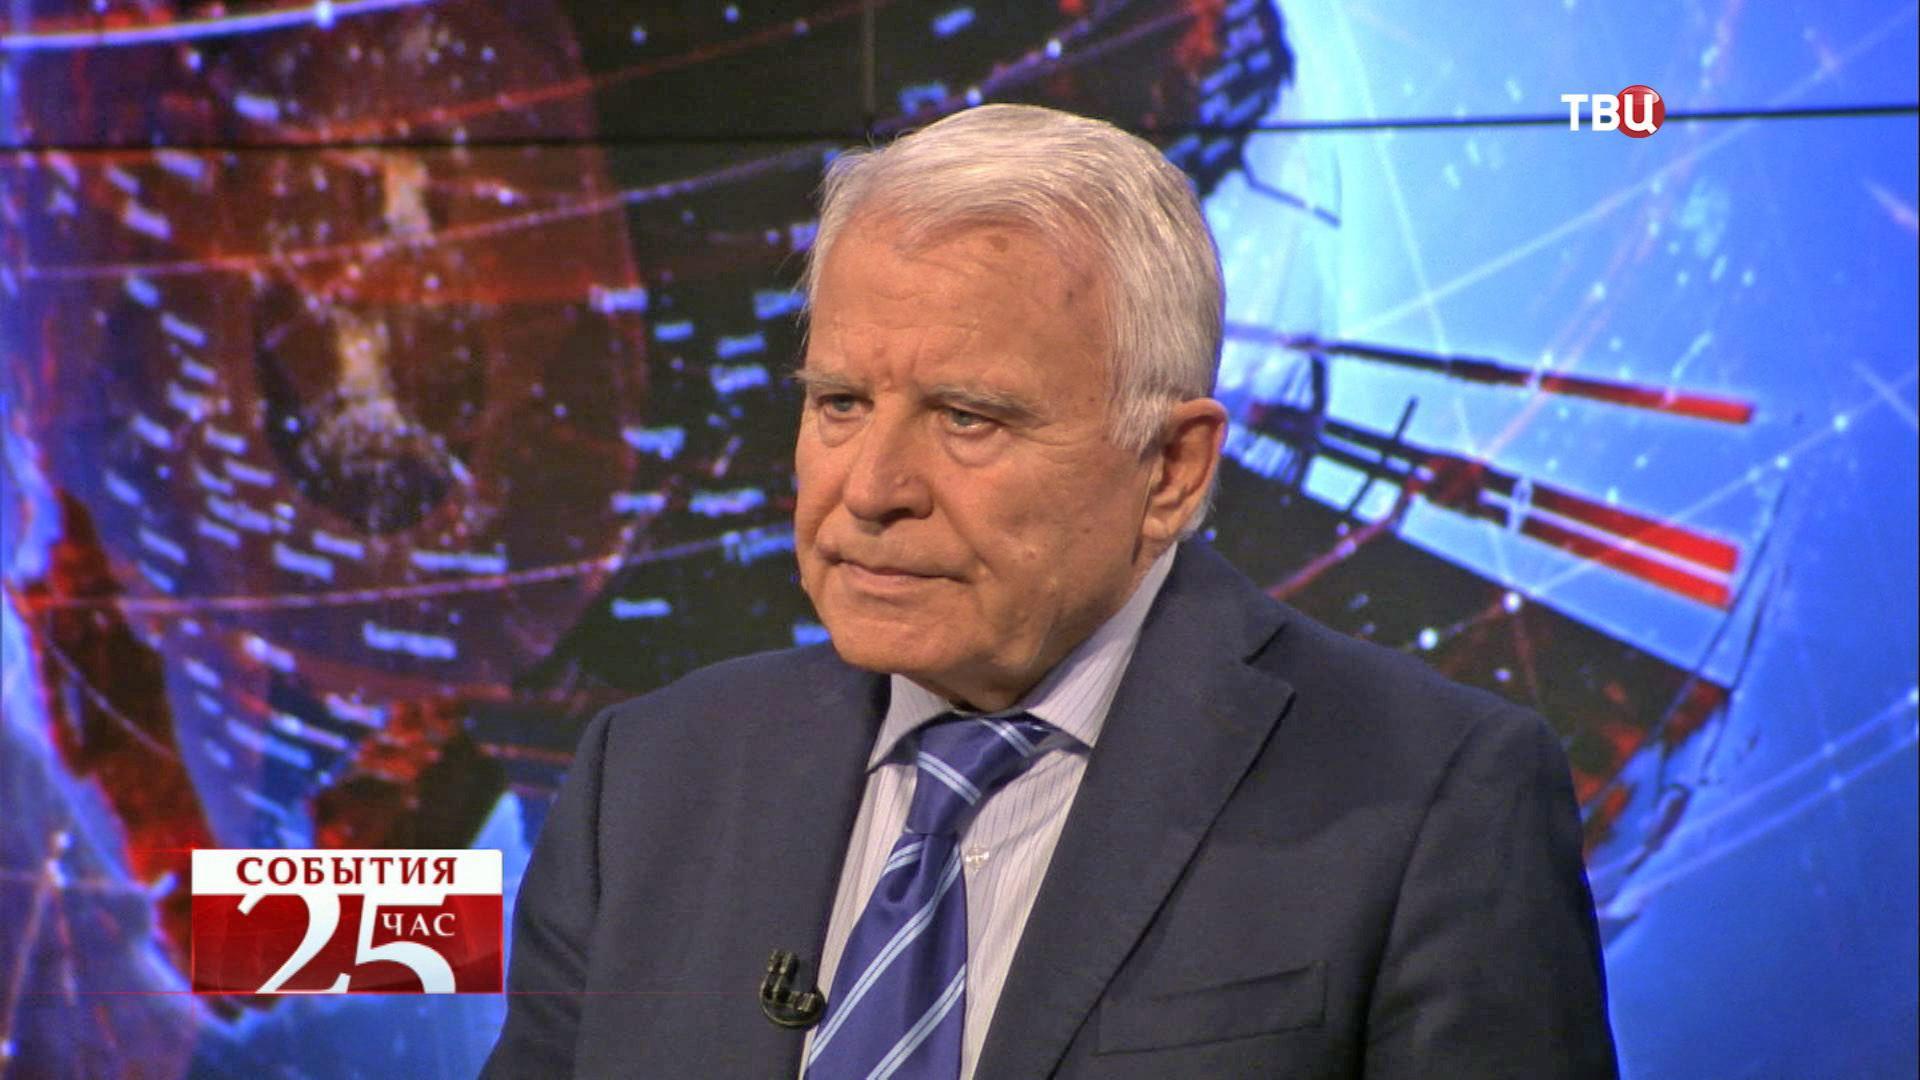 Олег Смирнов, председатель комиссии по гражданской авиации Общественного совета Ространснадзора